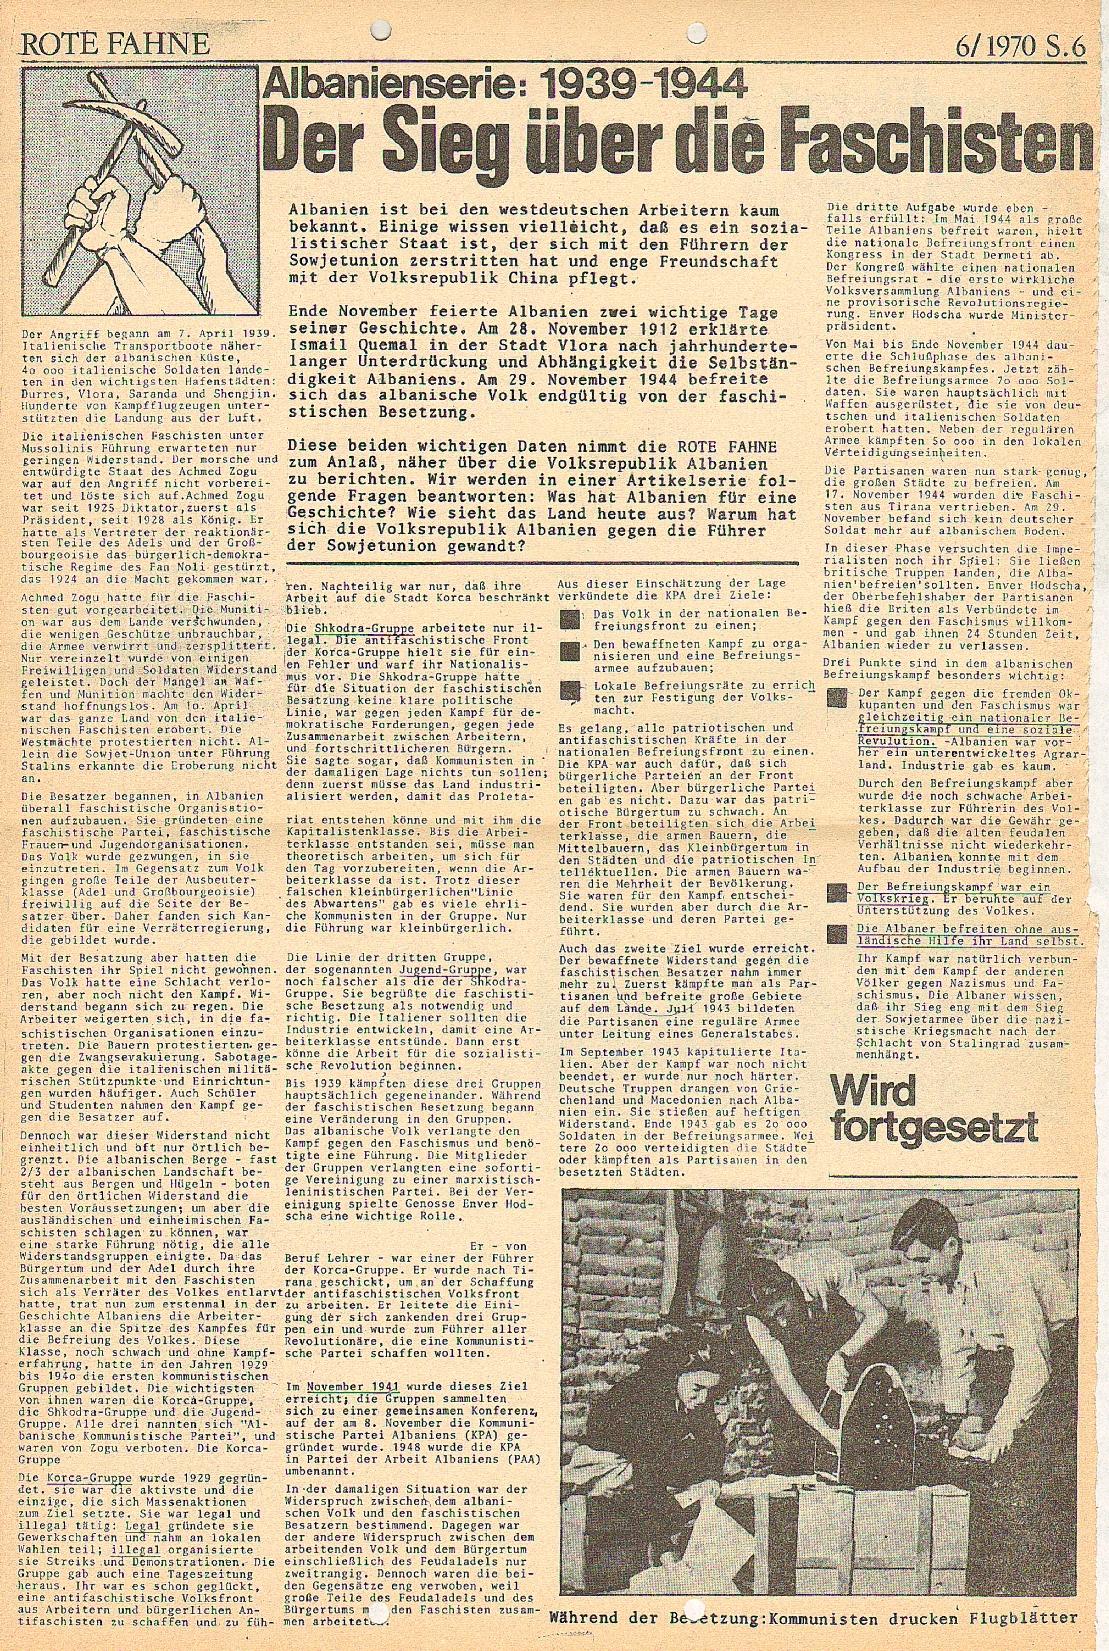 Rote Fahne, 1. Jg., 21.12.1970, Nr. 6, Seite 6